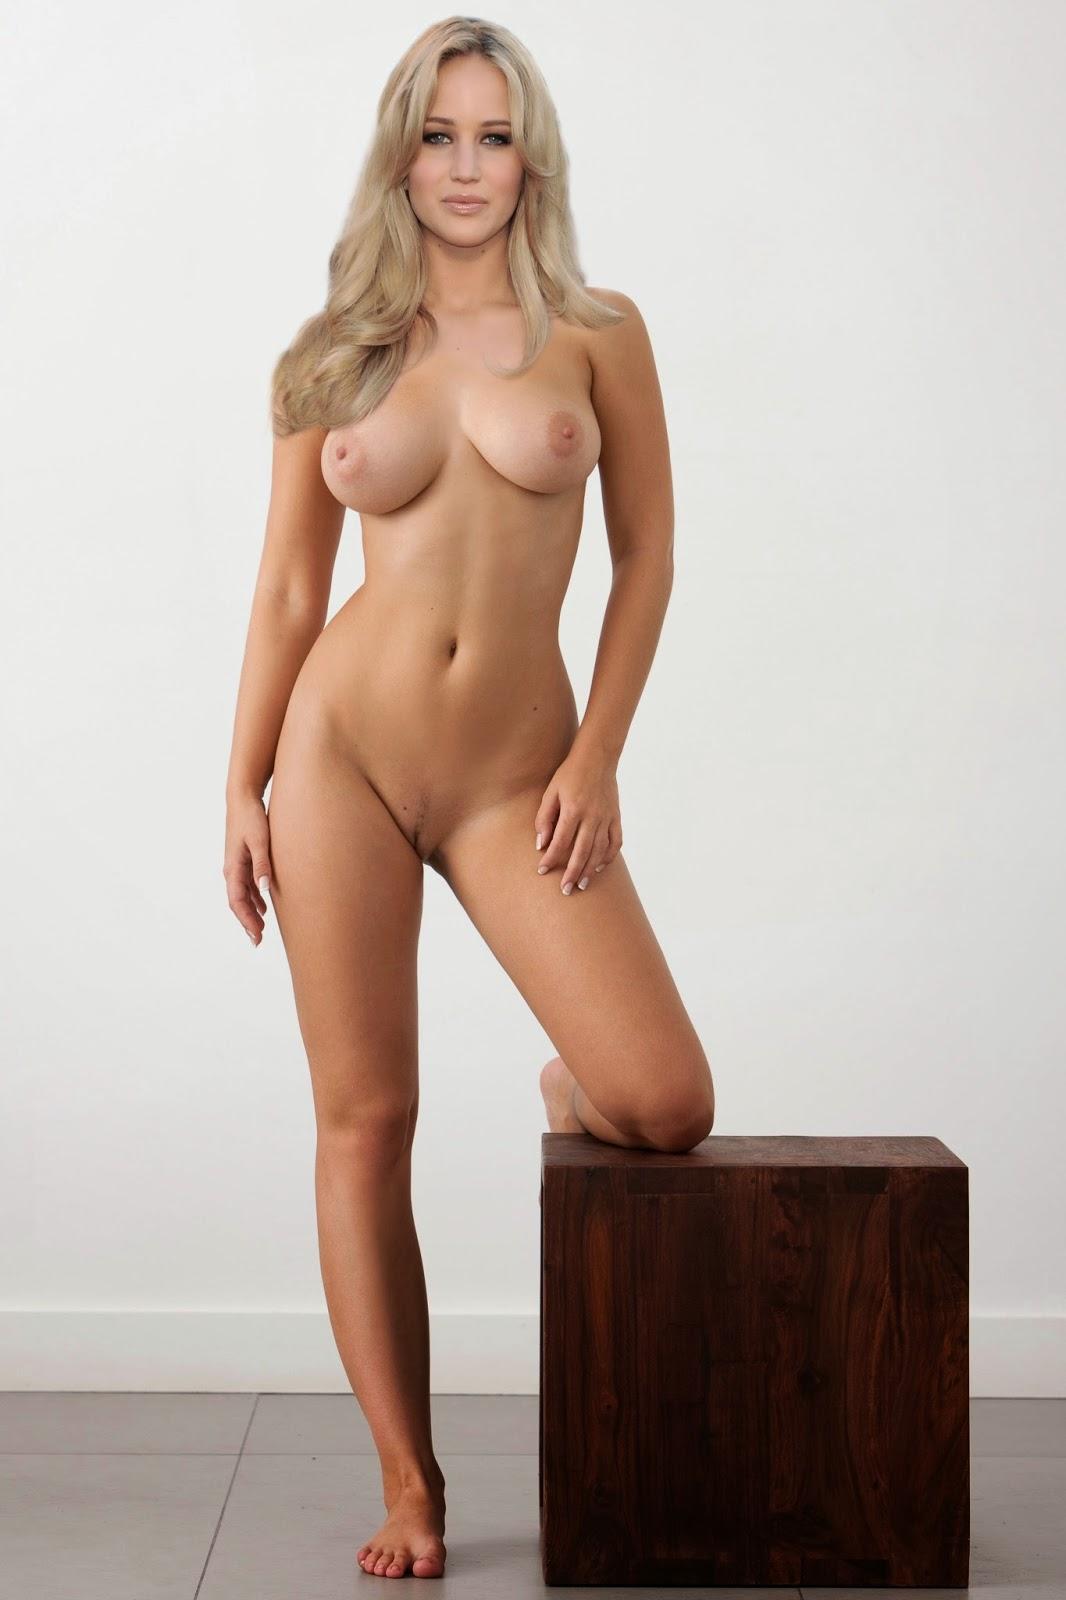 Nackt Bilder : Jennifer Lawrence Fakes Images   nackter arsch.com